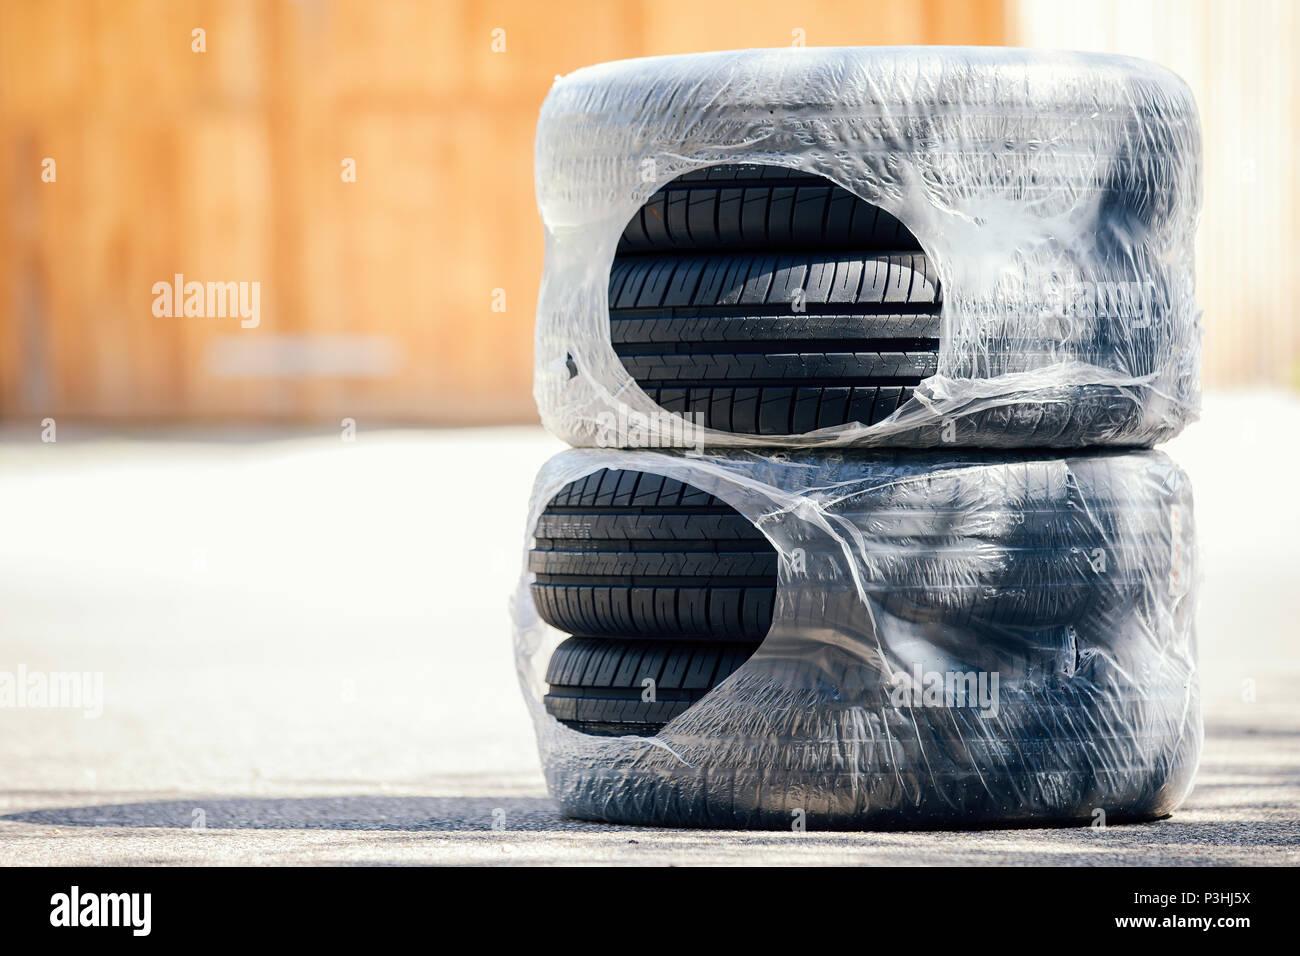 Sommer-Reifen in Folie verpackt, Bestellung über Internet, Online-Bestellung, Reifen, Sommerreifen, neu, vier - Stock Image